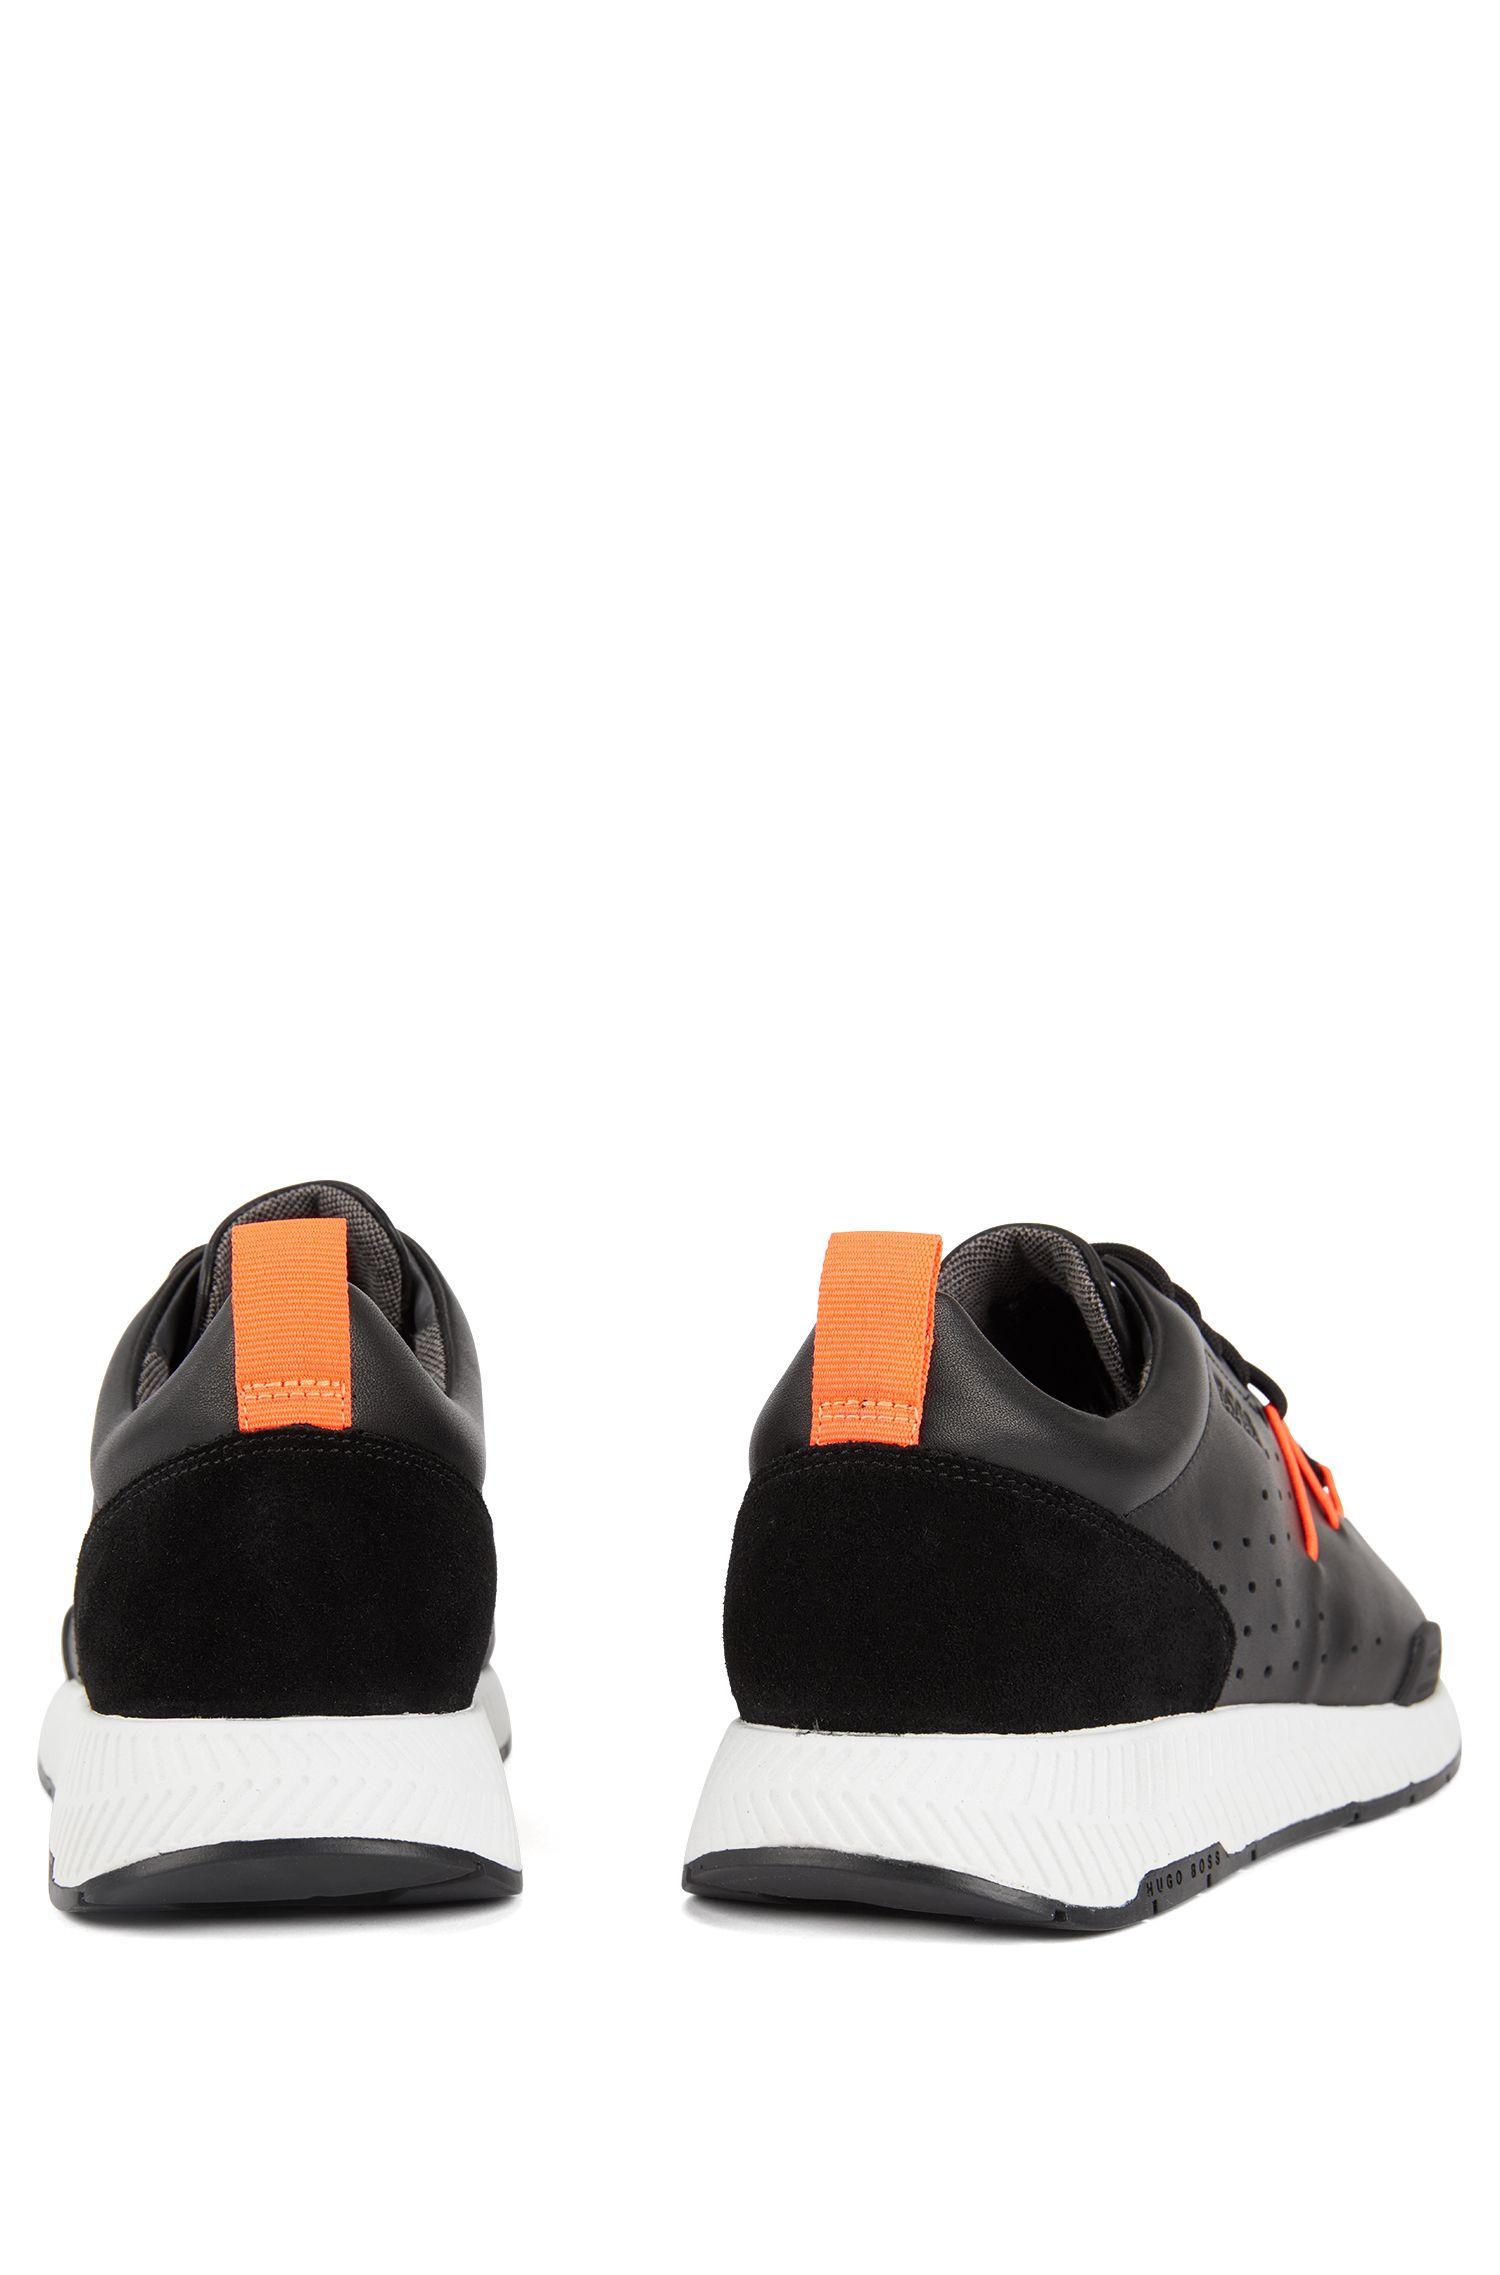 Baskets inspirées des chaussures de course, avec tige en cuir perforé, Noir